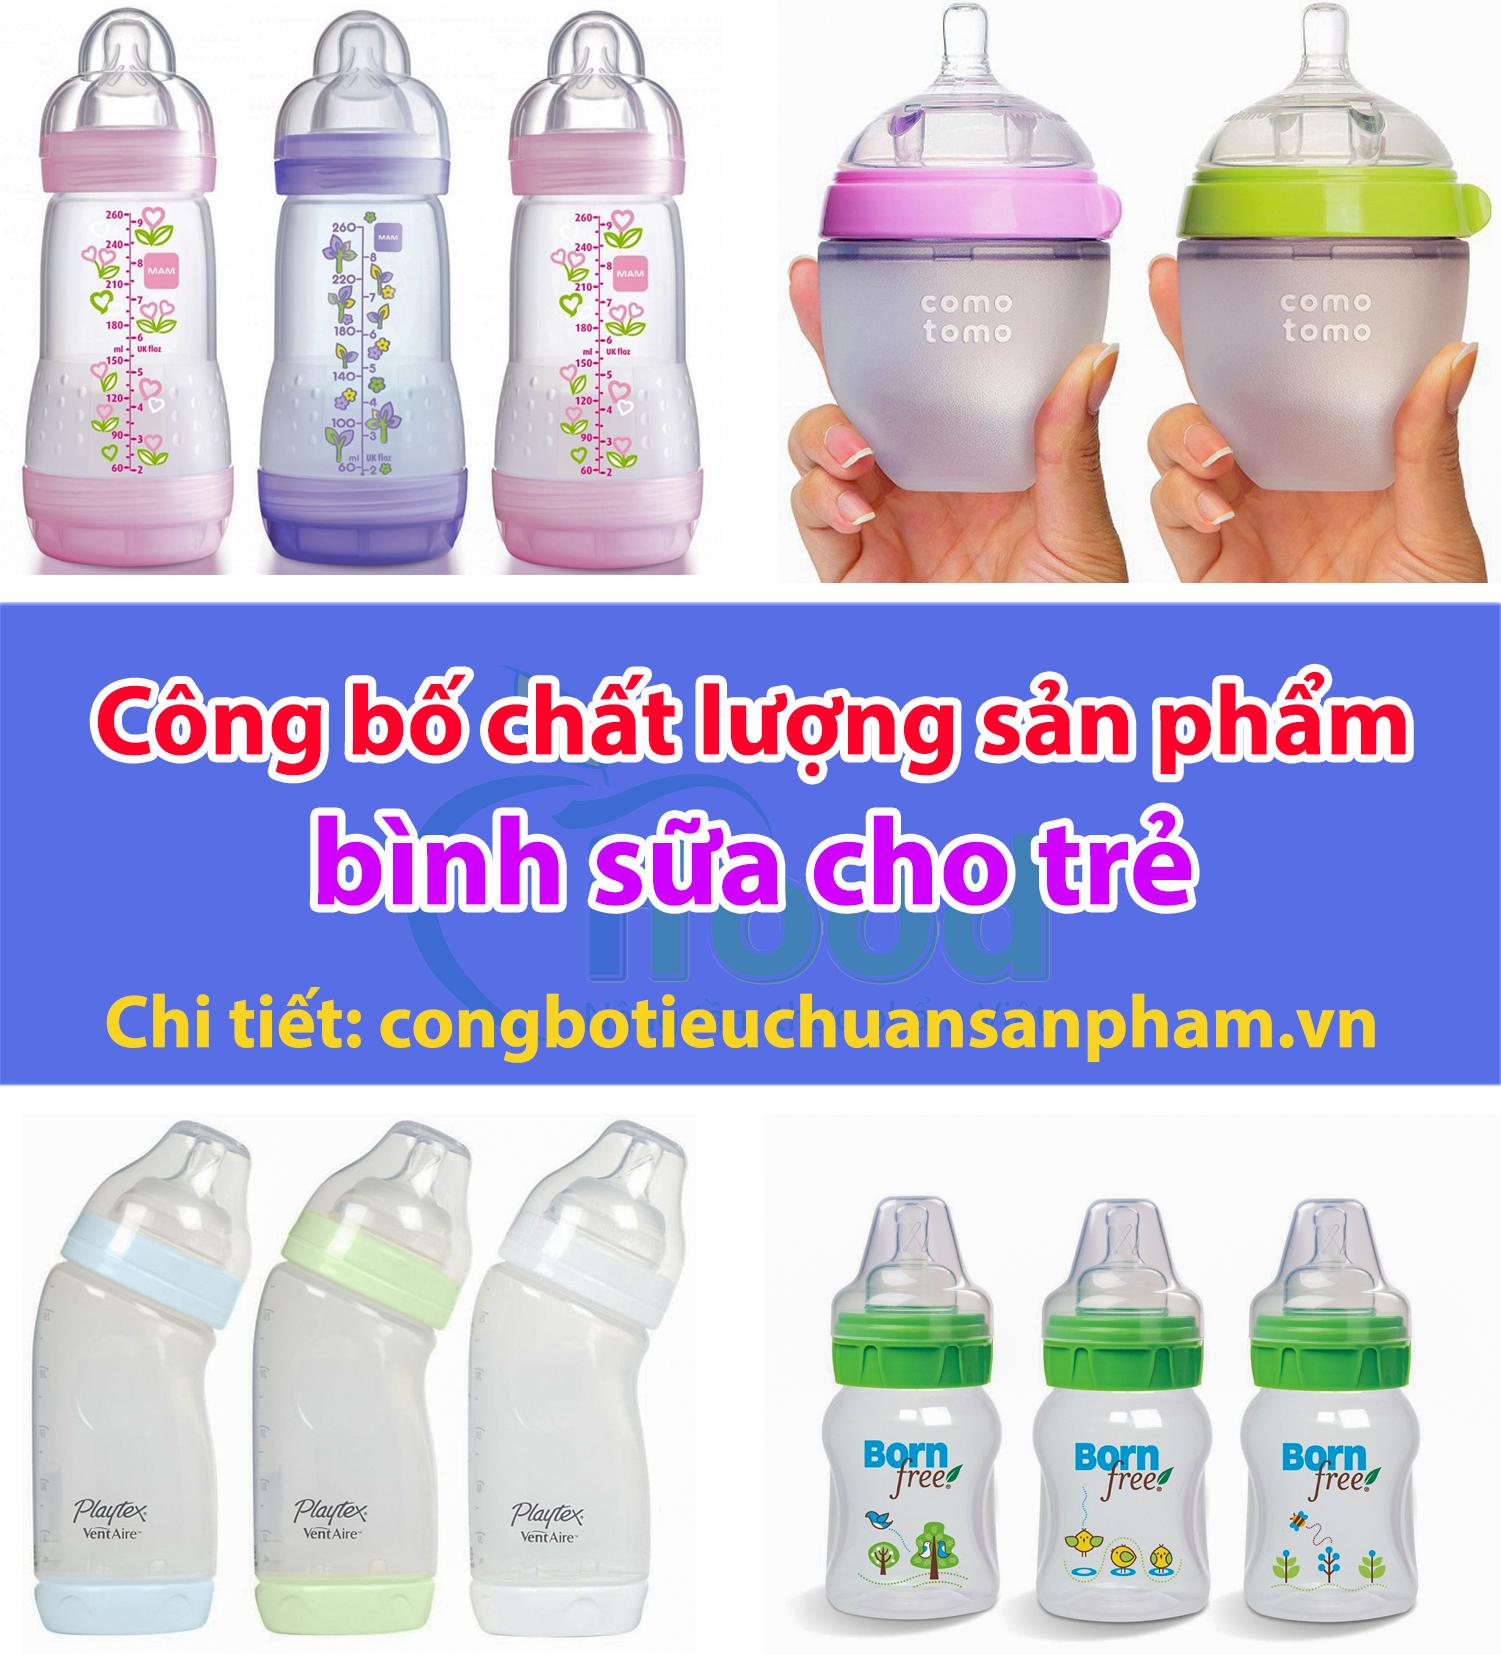 Công bố chất lượng sản phẩm bình sữa cho trẻ